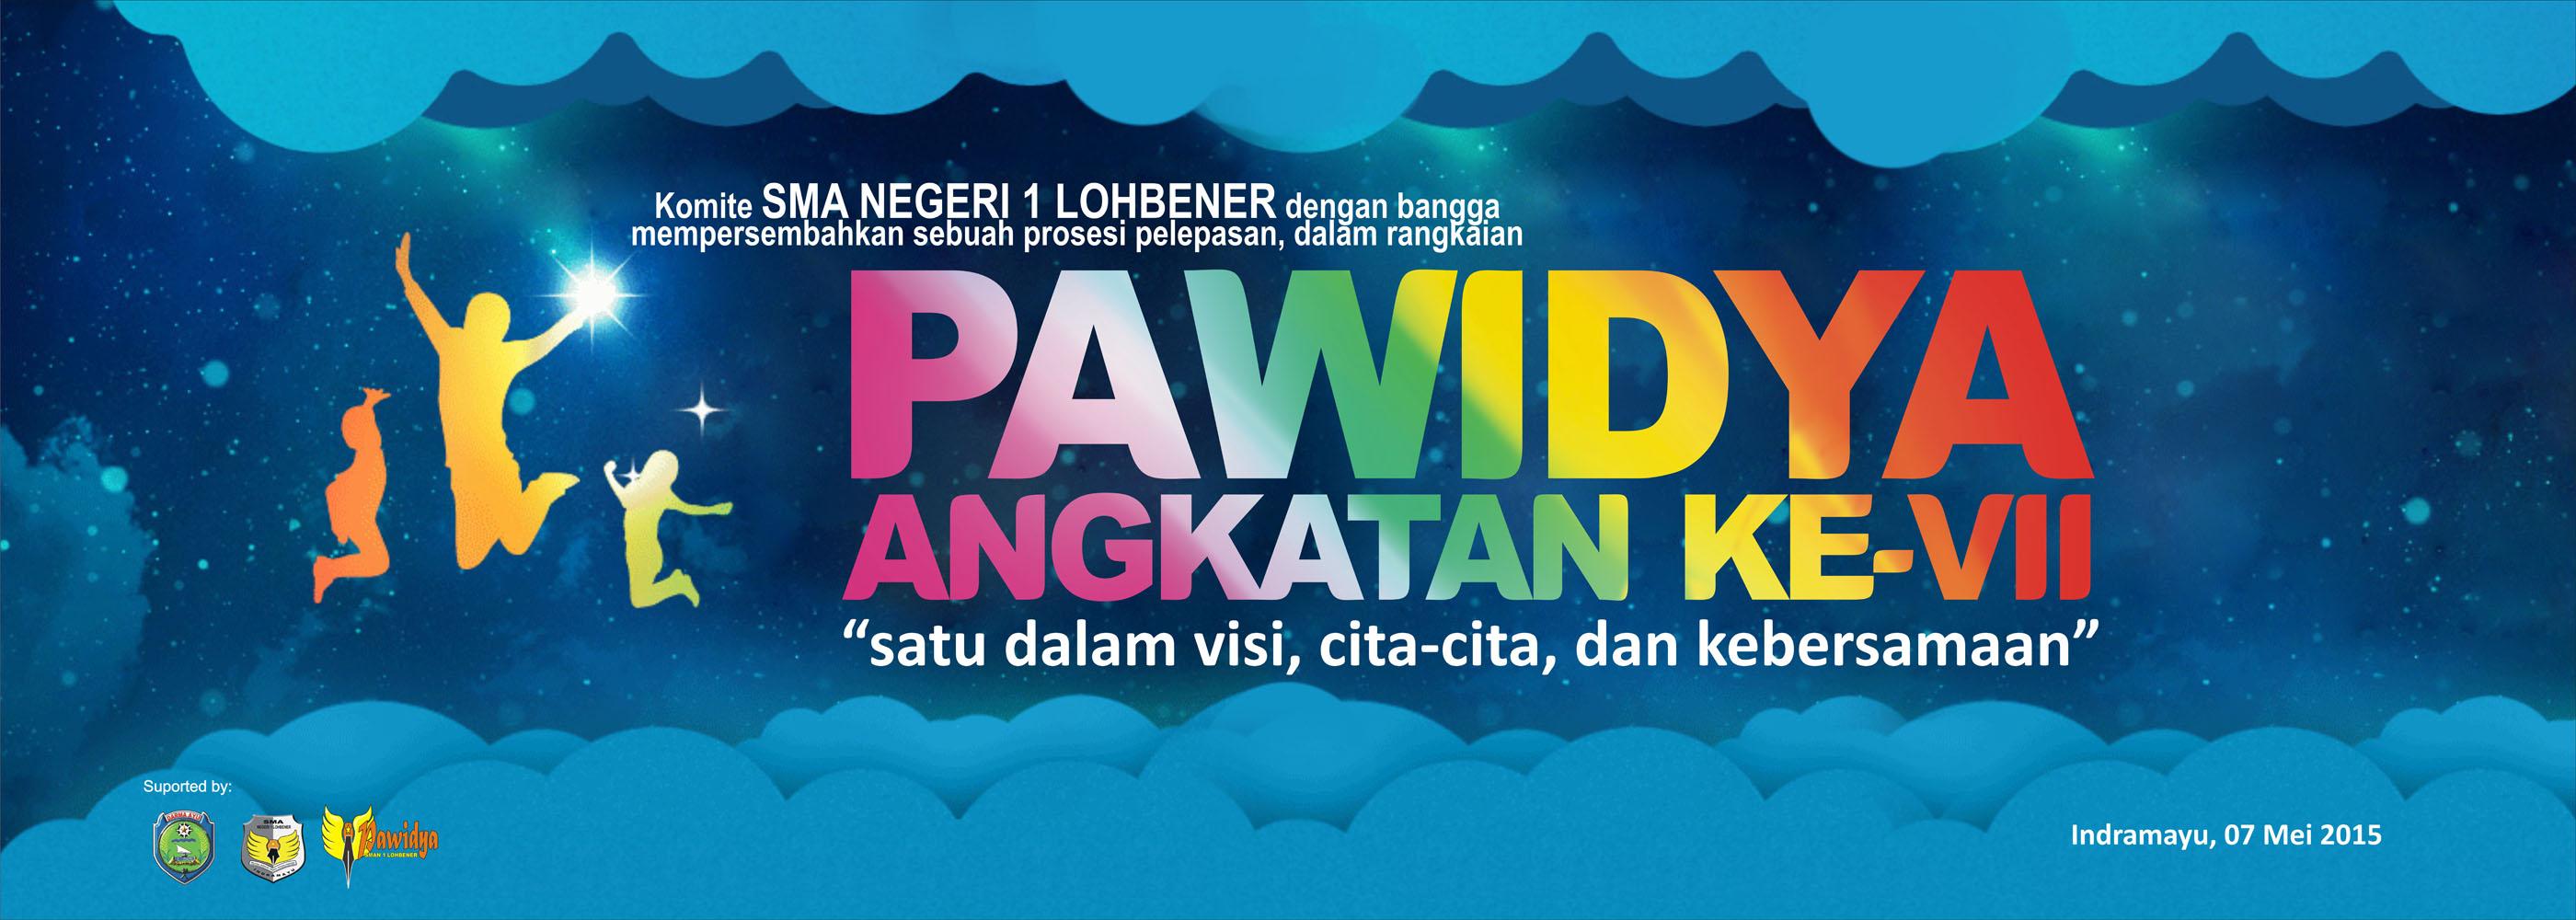 Design banner wisuda - Spanduk Perpisahan Sekolah Wisuda Pawidya Untuk Di Panggung